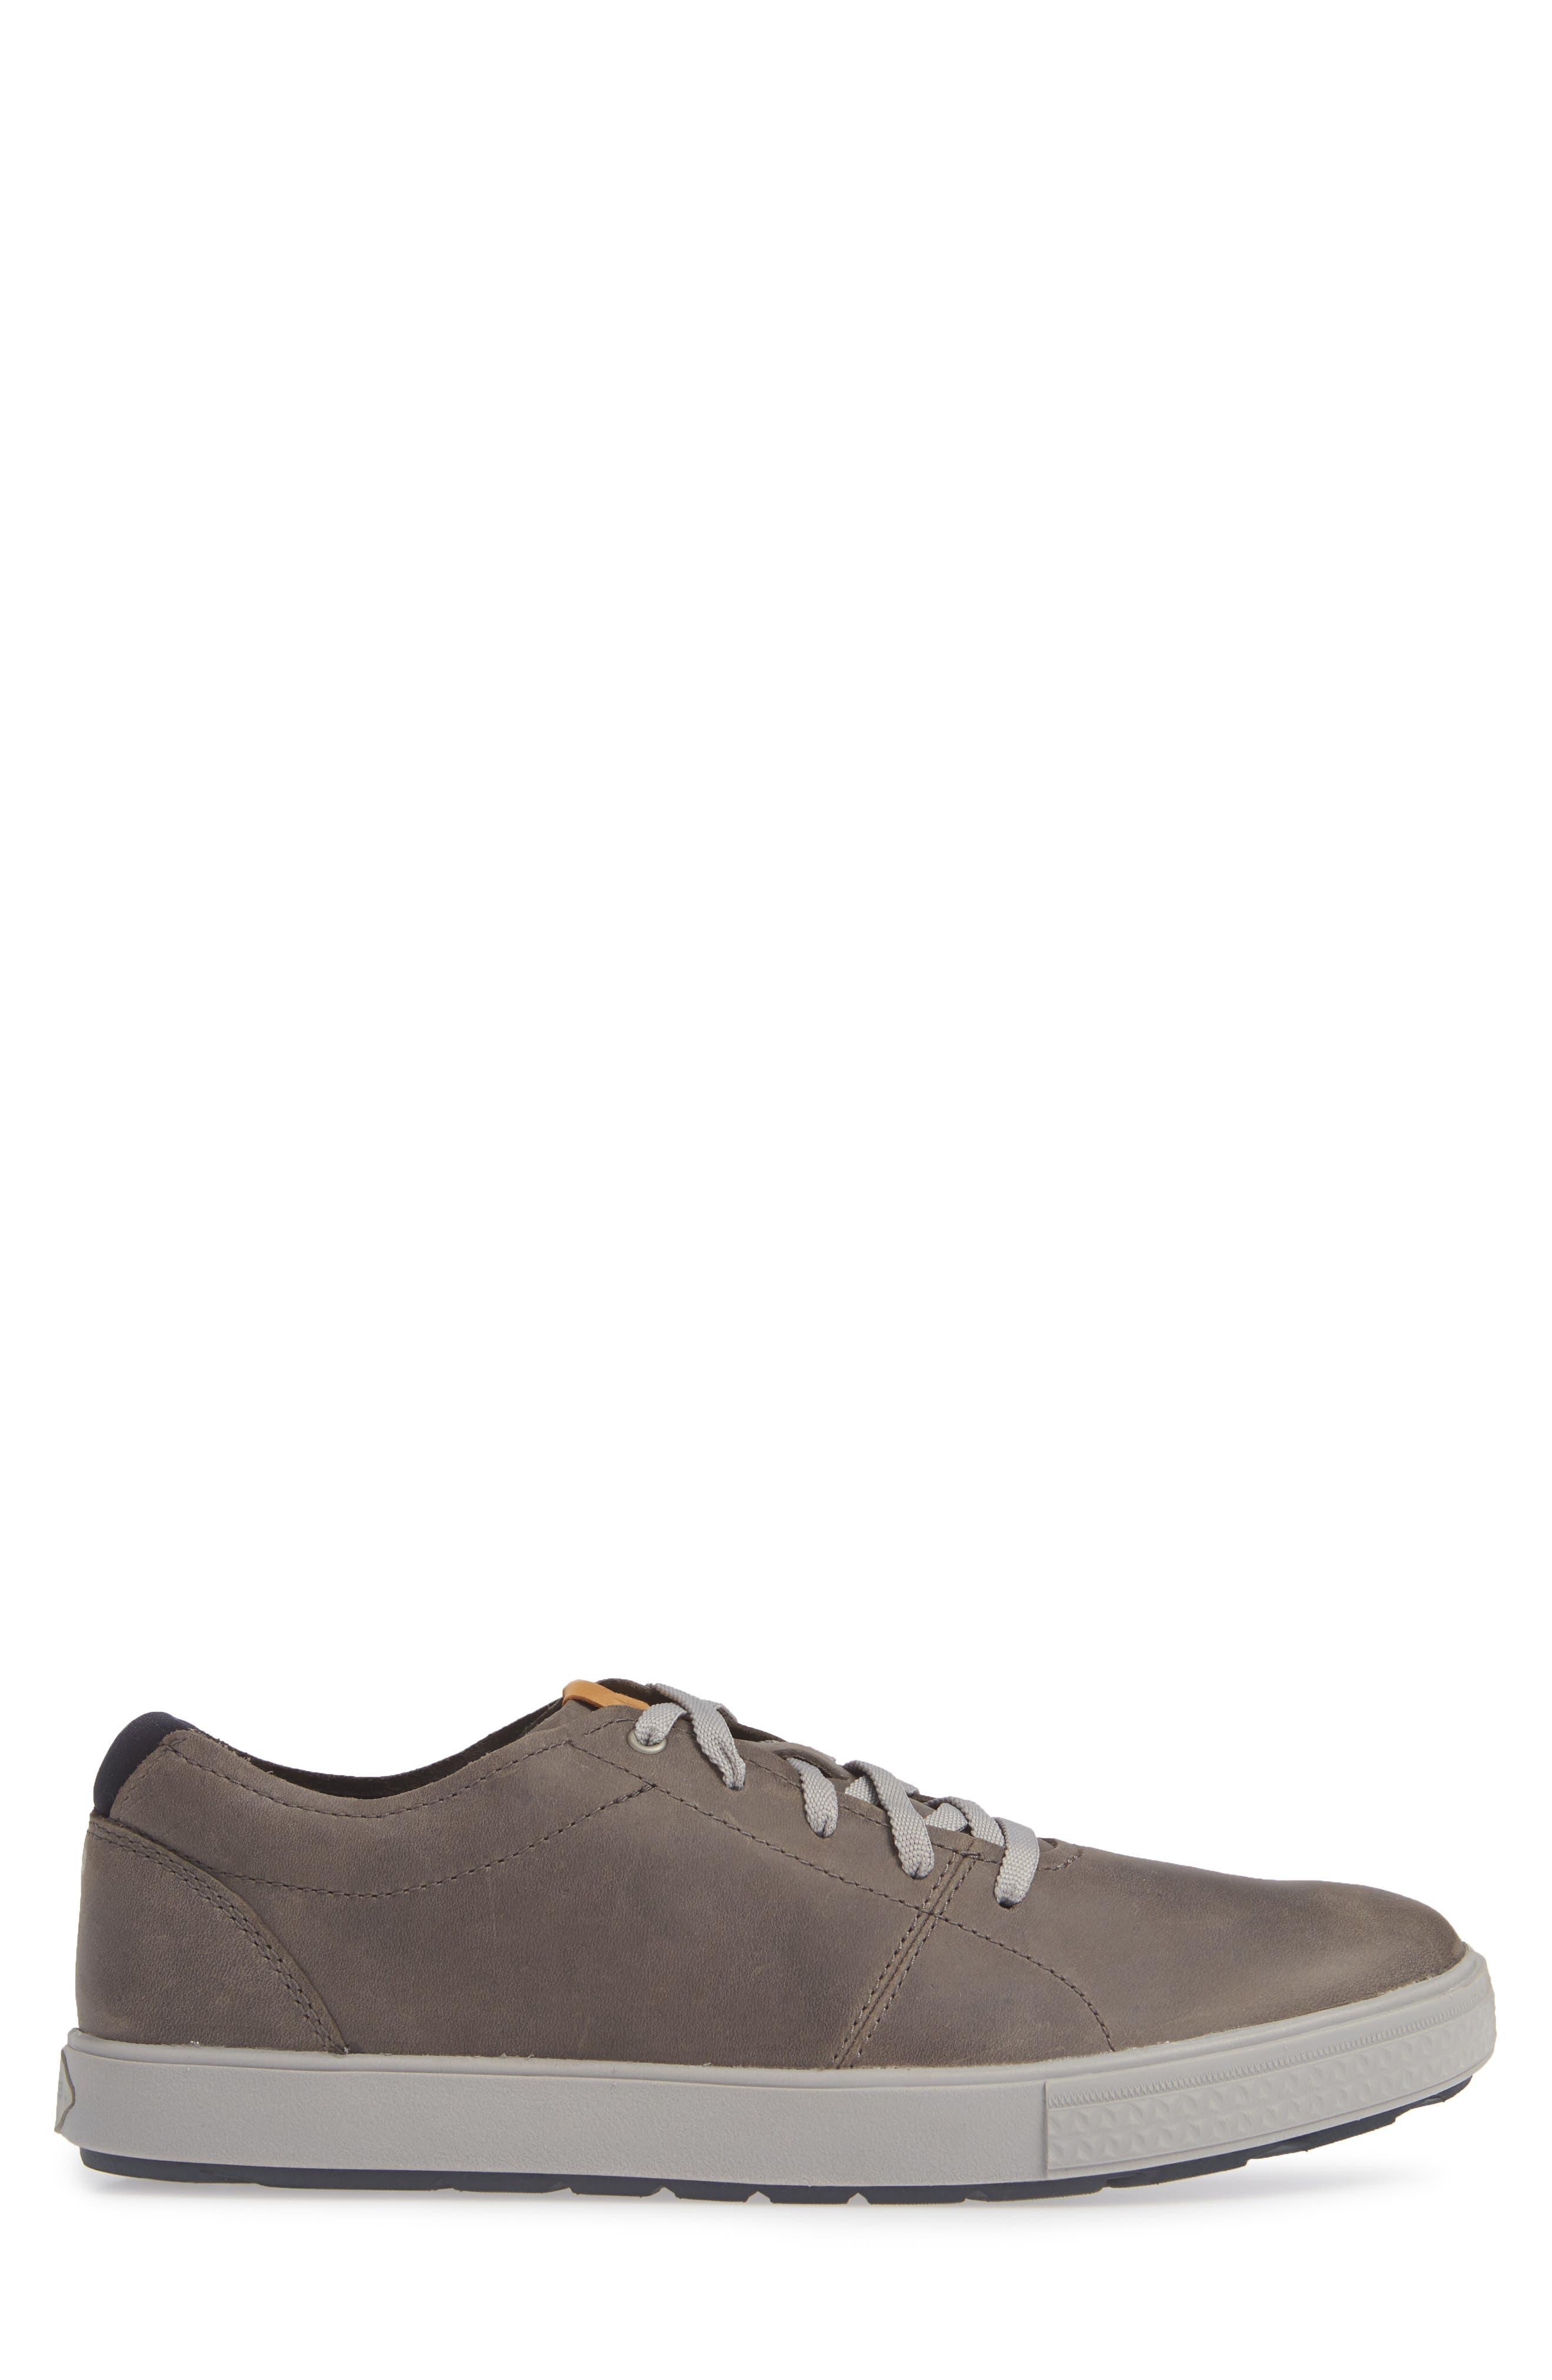 MERRELL, Barkley Sneaker, Alternate thumbnail 3, color, CASTLE ROCK